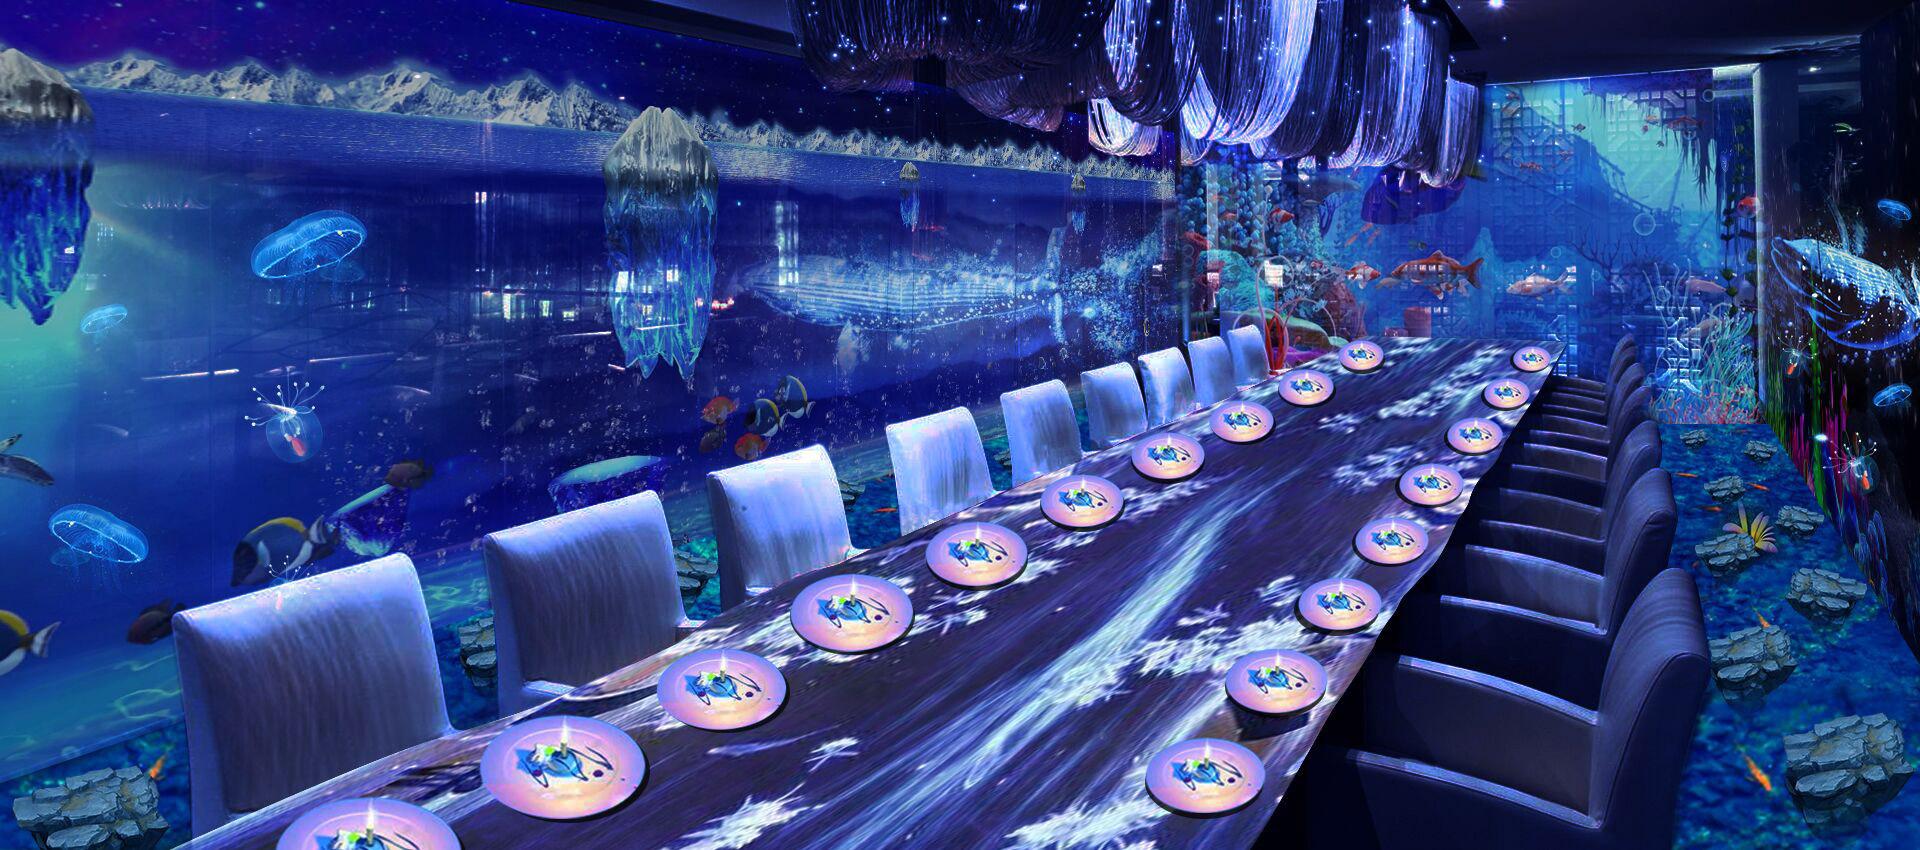 数字光影餐厅,华创文旅沉浸式互动餐厅投影